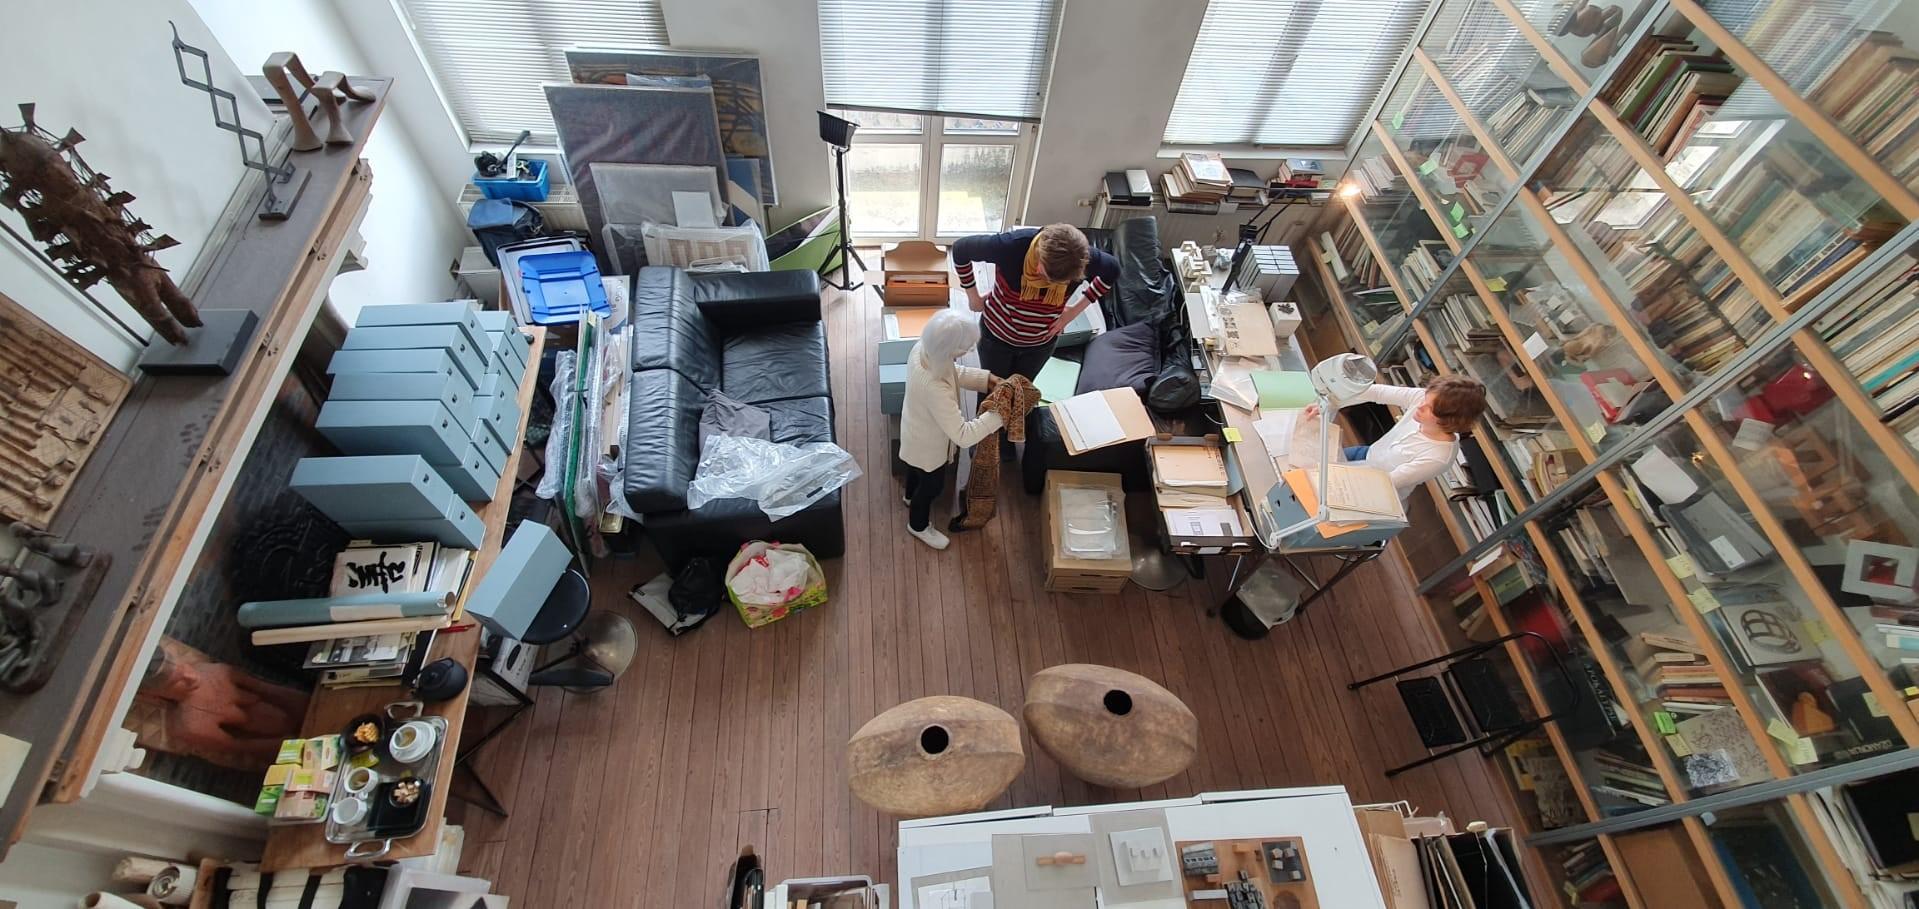 Als je een archief en/of collectie(s) zodanig wil bewaren zodat de gegevens en informatie niet verloren gaan, is het van belang dit op een duurzame manier te doen. Verschillende types van documenten en objecten moeten ook op een verschillende manier worden bewaard. Archieven en collecties van kunstenaars en kunstenorganisaties bevatten immers vaak verschillende soorten materiaal zoals papier, textiel, hout, metaal en plastic. Dit zijn materialen die specifieke aandacht vereisen. Het correct verpakken van archiefstukken – of documenten is een essentieel onderdeel. Ook voor je archief en/of collectie(s) geldt dat voorkomen beter is dan genezen. Ze worden meestal bewaard waar er plaats is en waar ze gemakkelijk toegankelijk zijn. Toch is het belangrijk dat je de risico's kent die eigen zijn aan de bewaarruimte. Door risico's waar mogelijk uit te sluiten, beperk je de te voorziene schade.